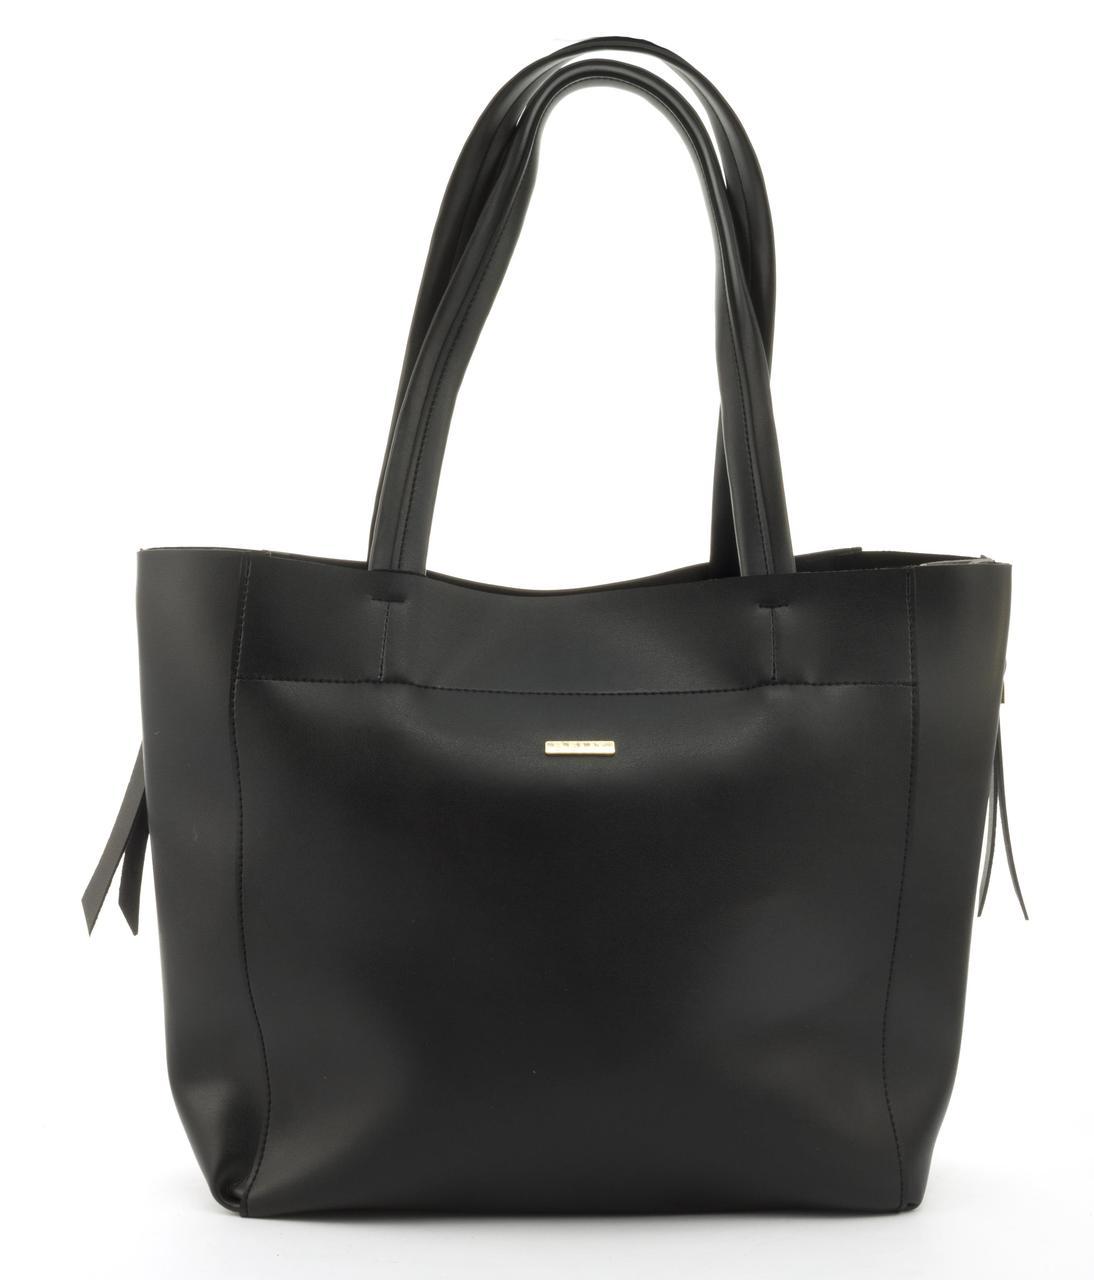 Оригинальная вместительная сумка высокого качества с расширенеием по бокам B.Elite art. 07-82 черн/серебро